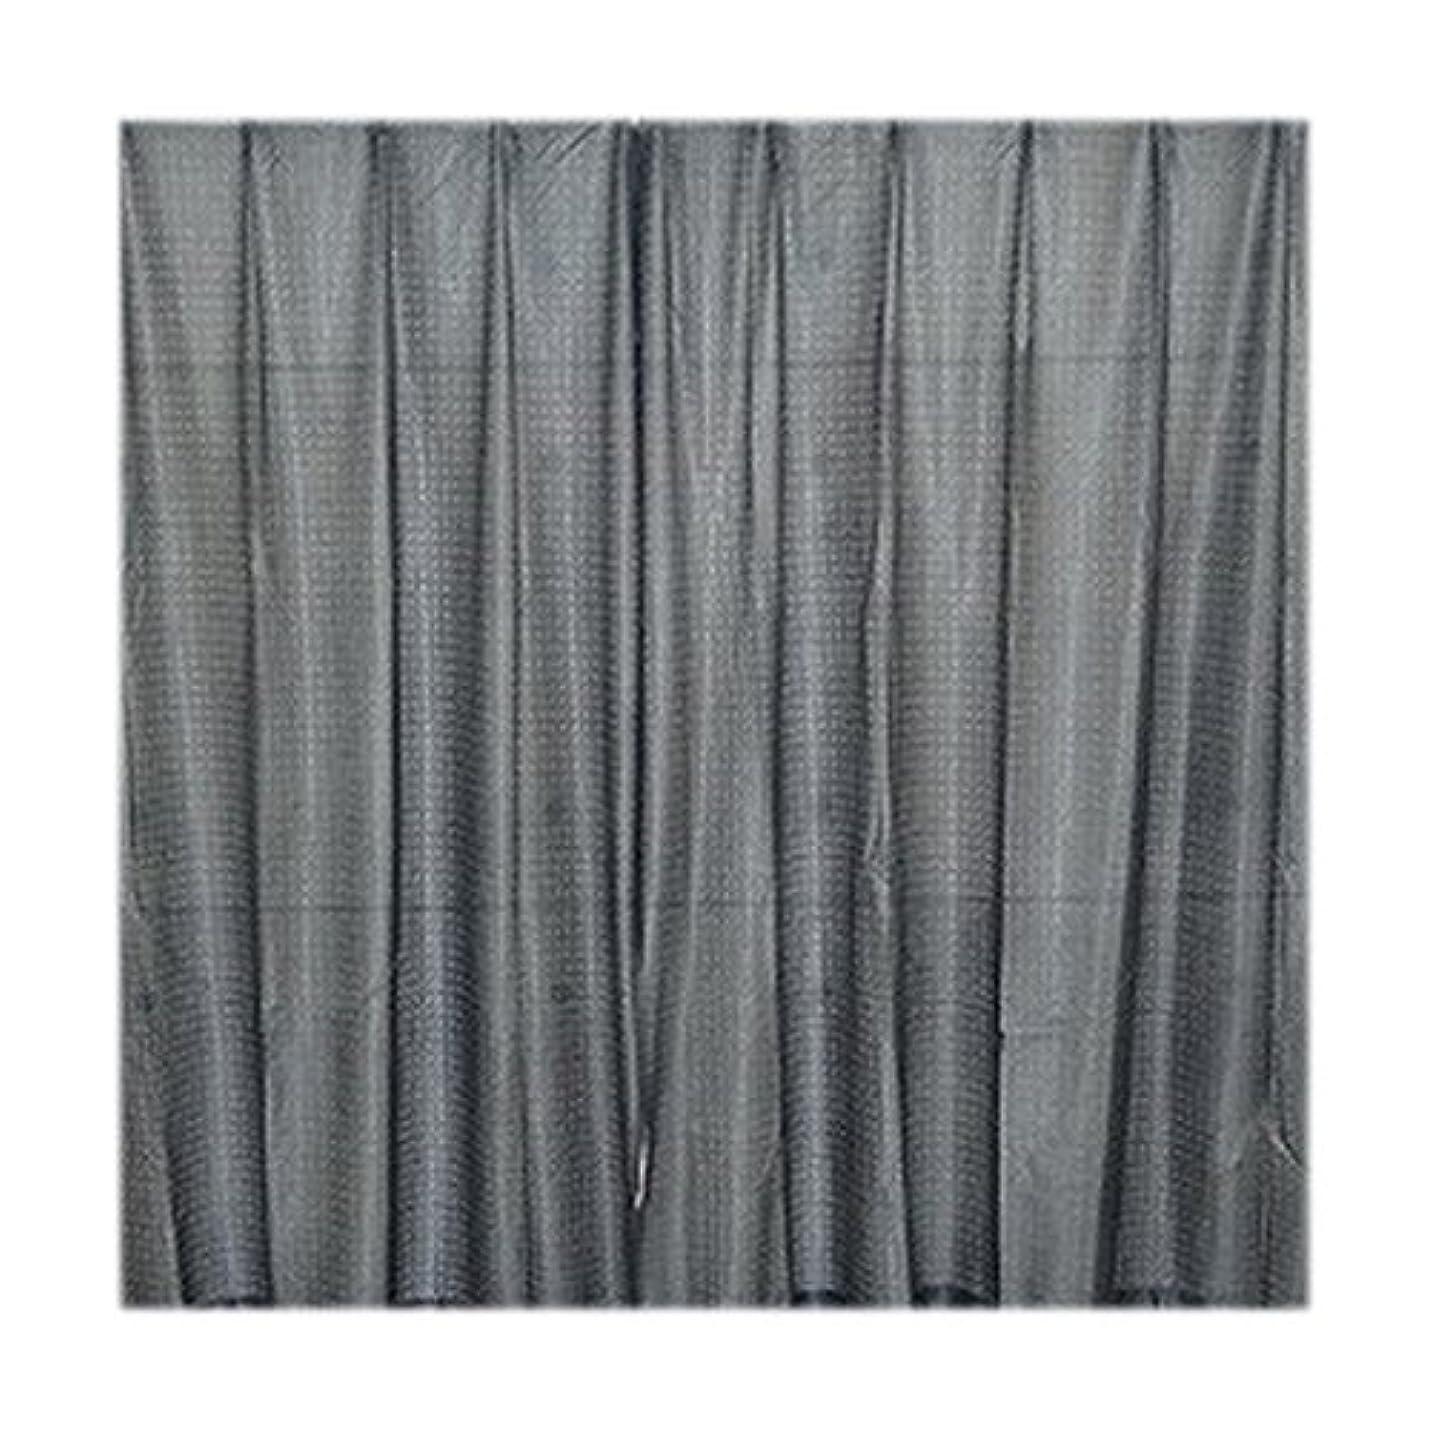 闇スペースくしゃみフルネス サクセス レースカーテン シーマ ブラック 100×198 2P